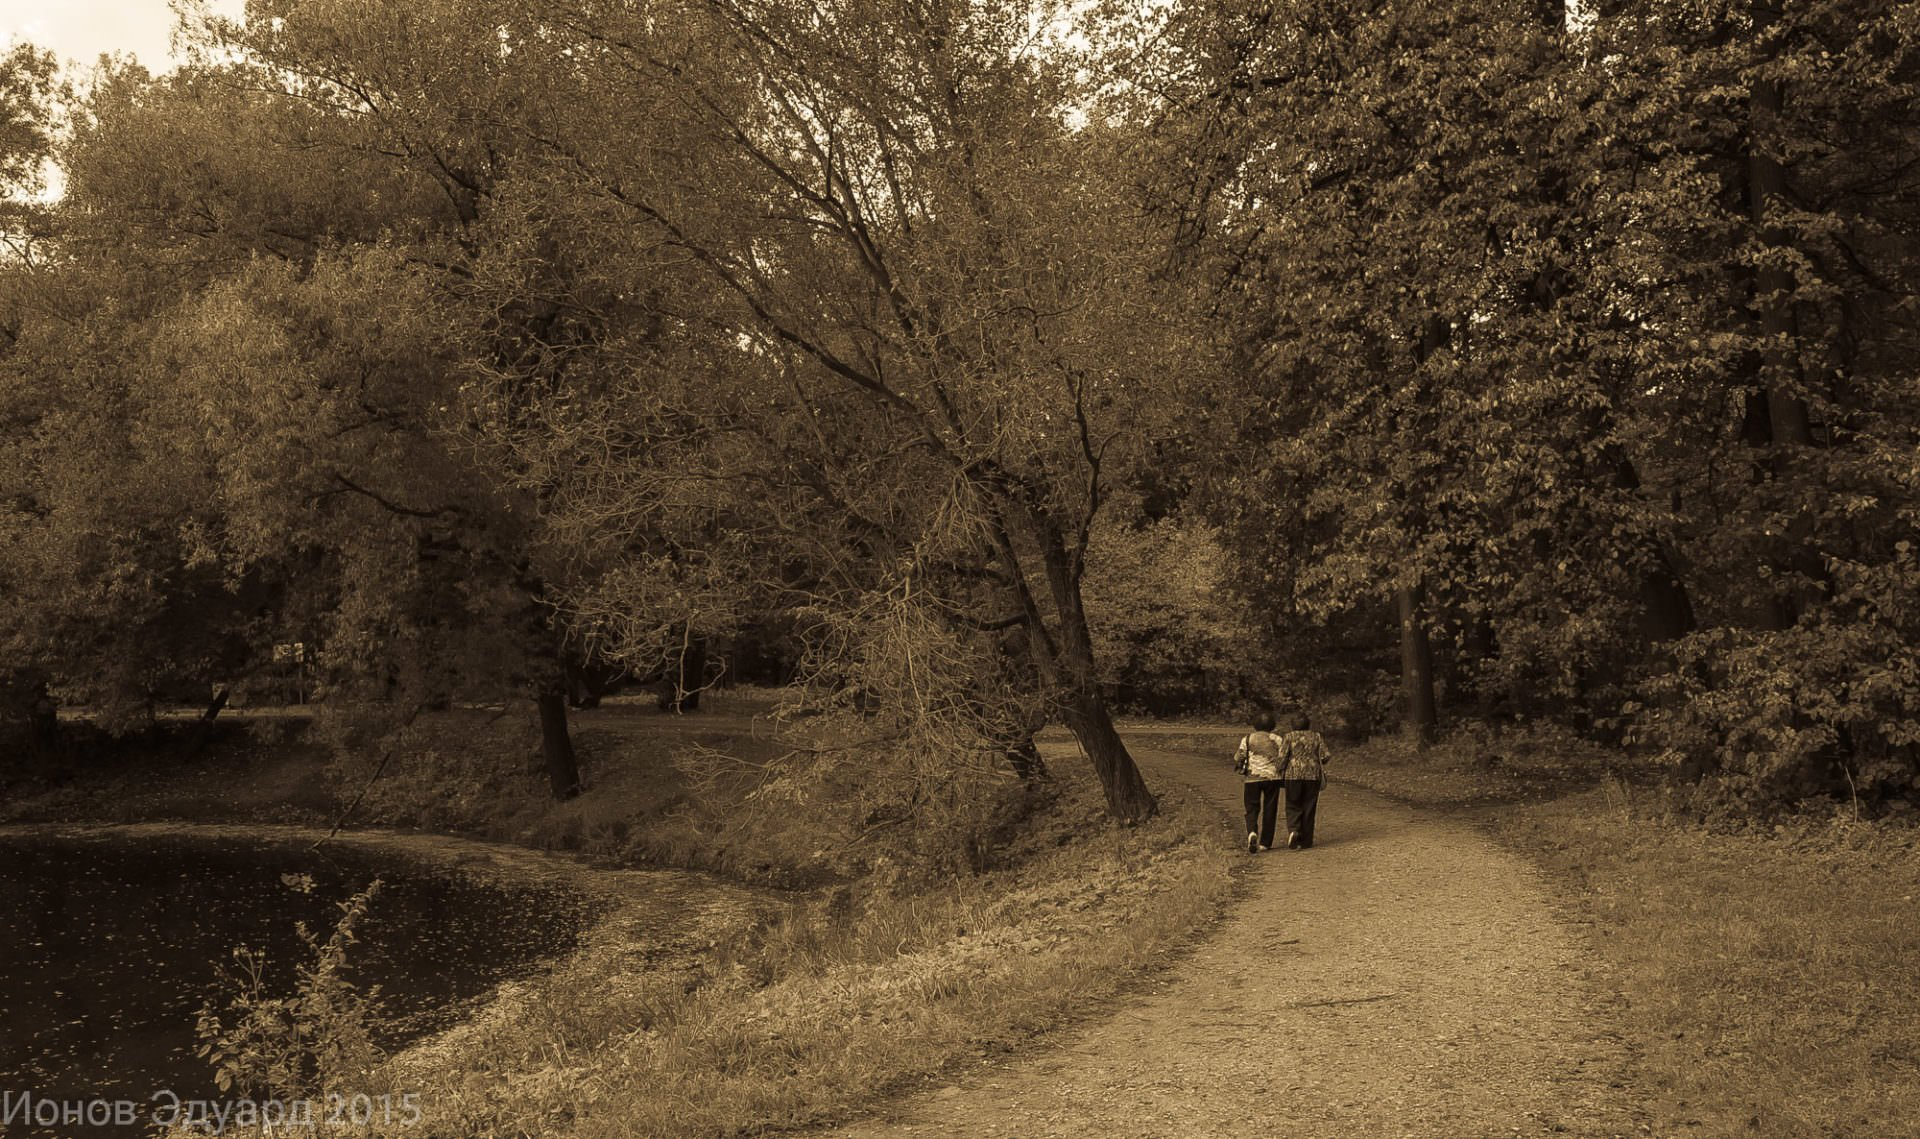 Осень в парке кузьминки